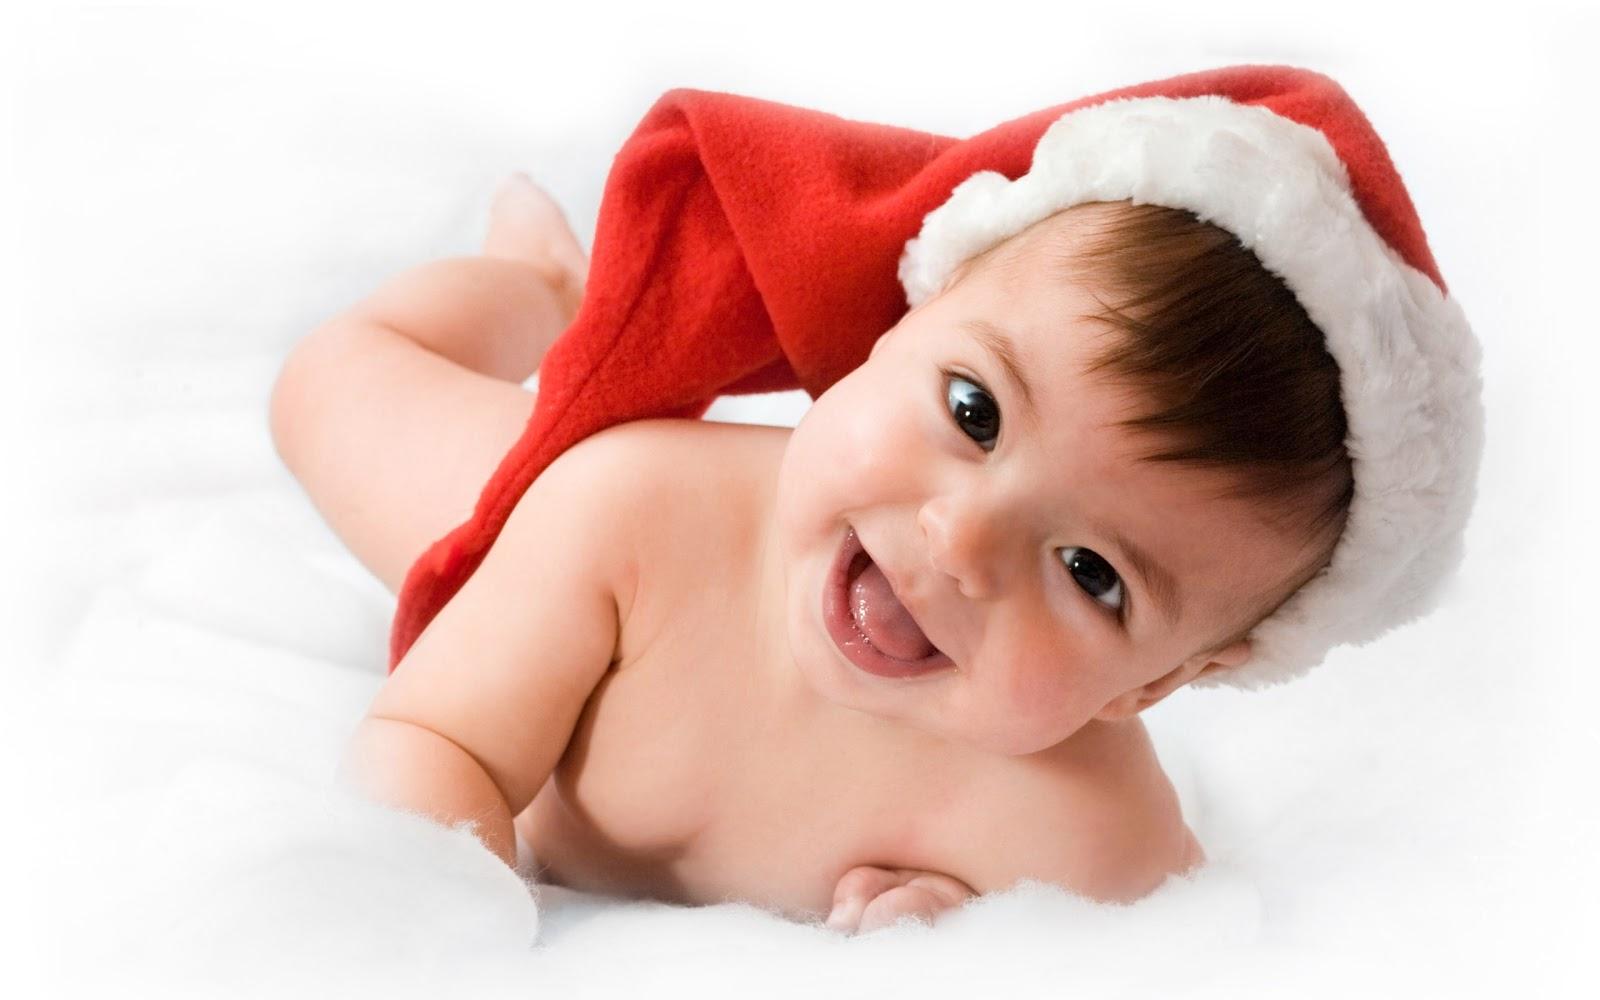 http://2.bp.blogspot.com/-qM1jNhrgMUk/UNuxU0B2QFI/AAAAAAAAAYE/y_AcsmMxFnY/s1600/Santa-Baby.jpg